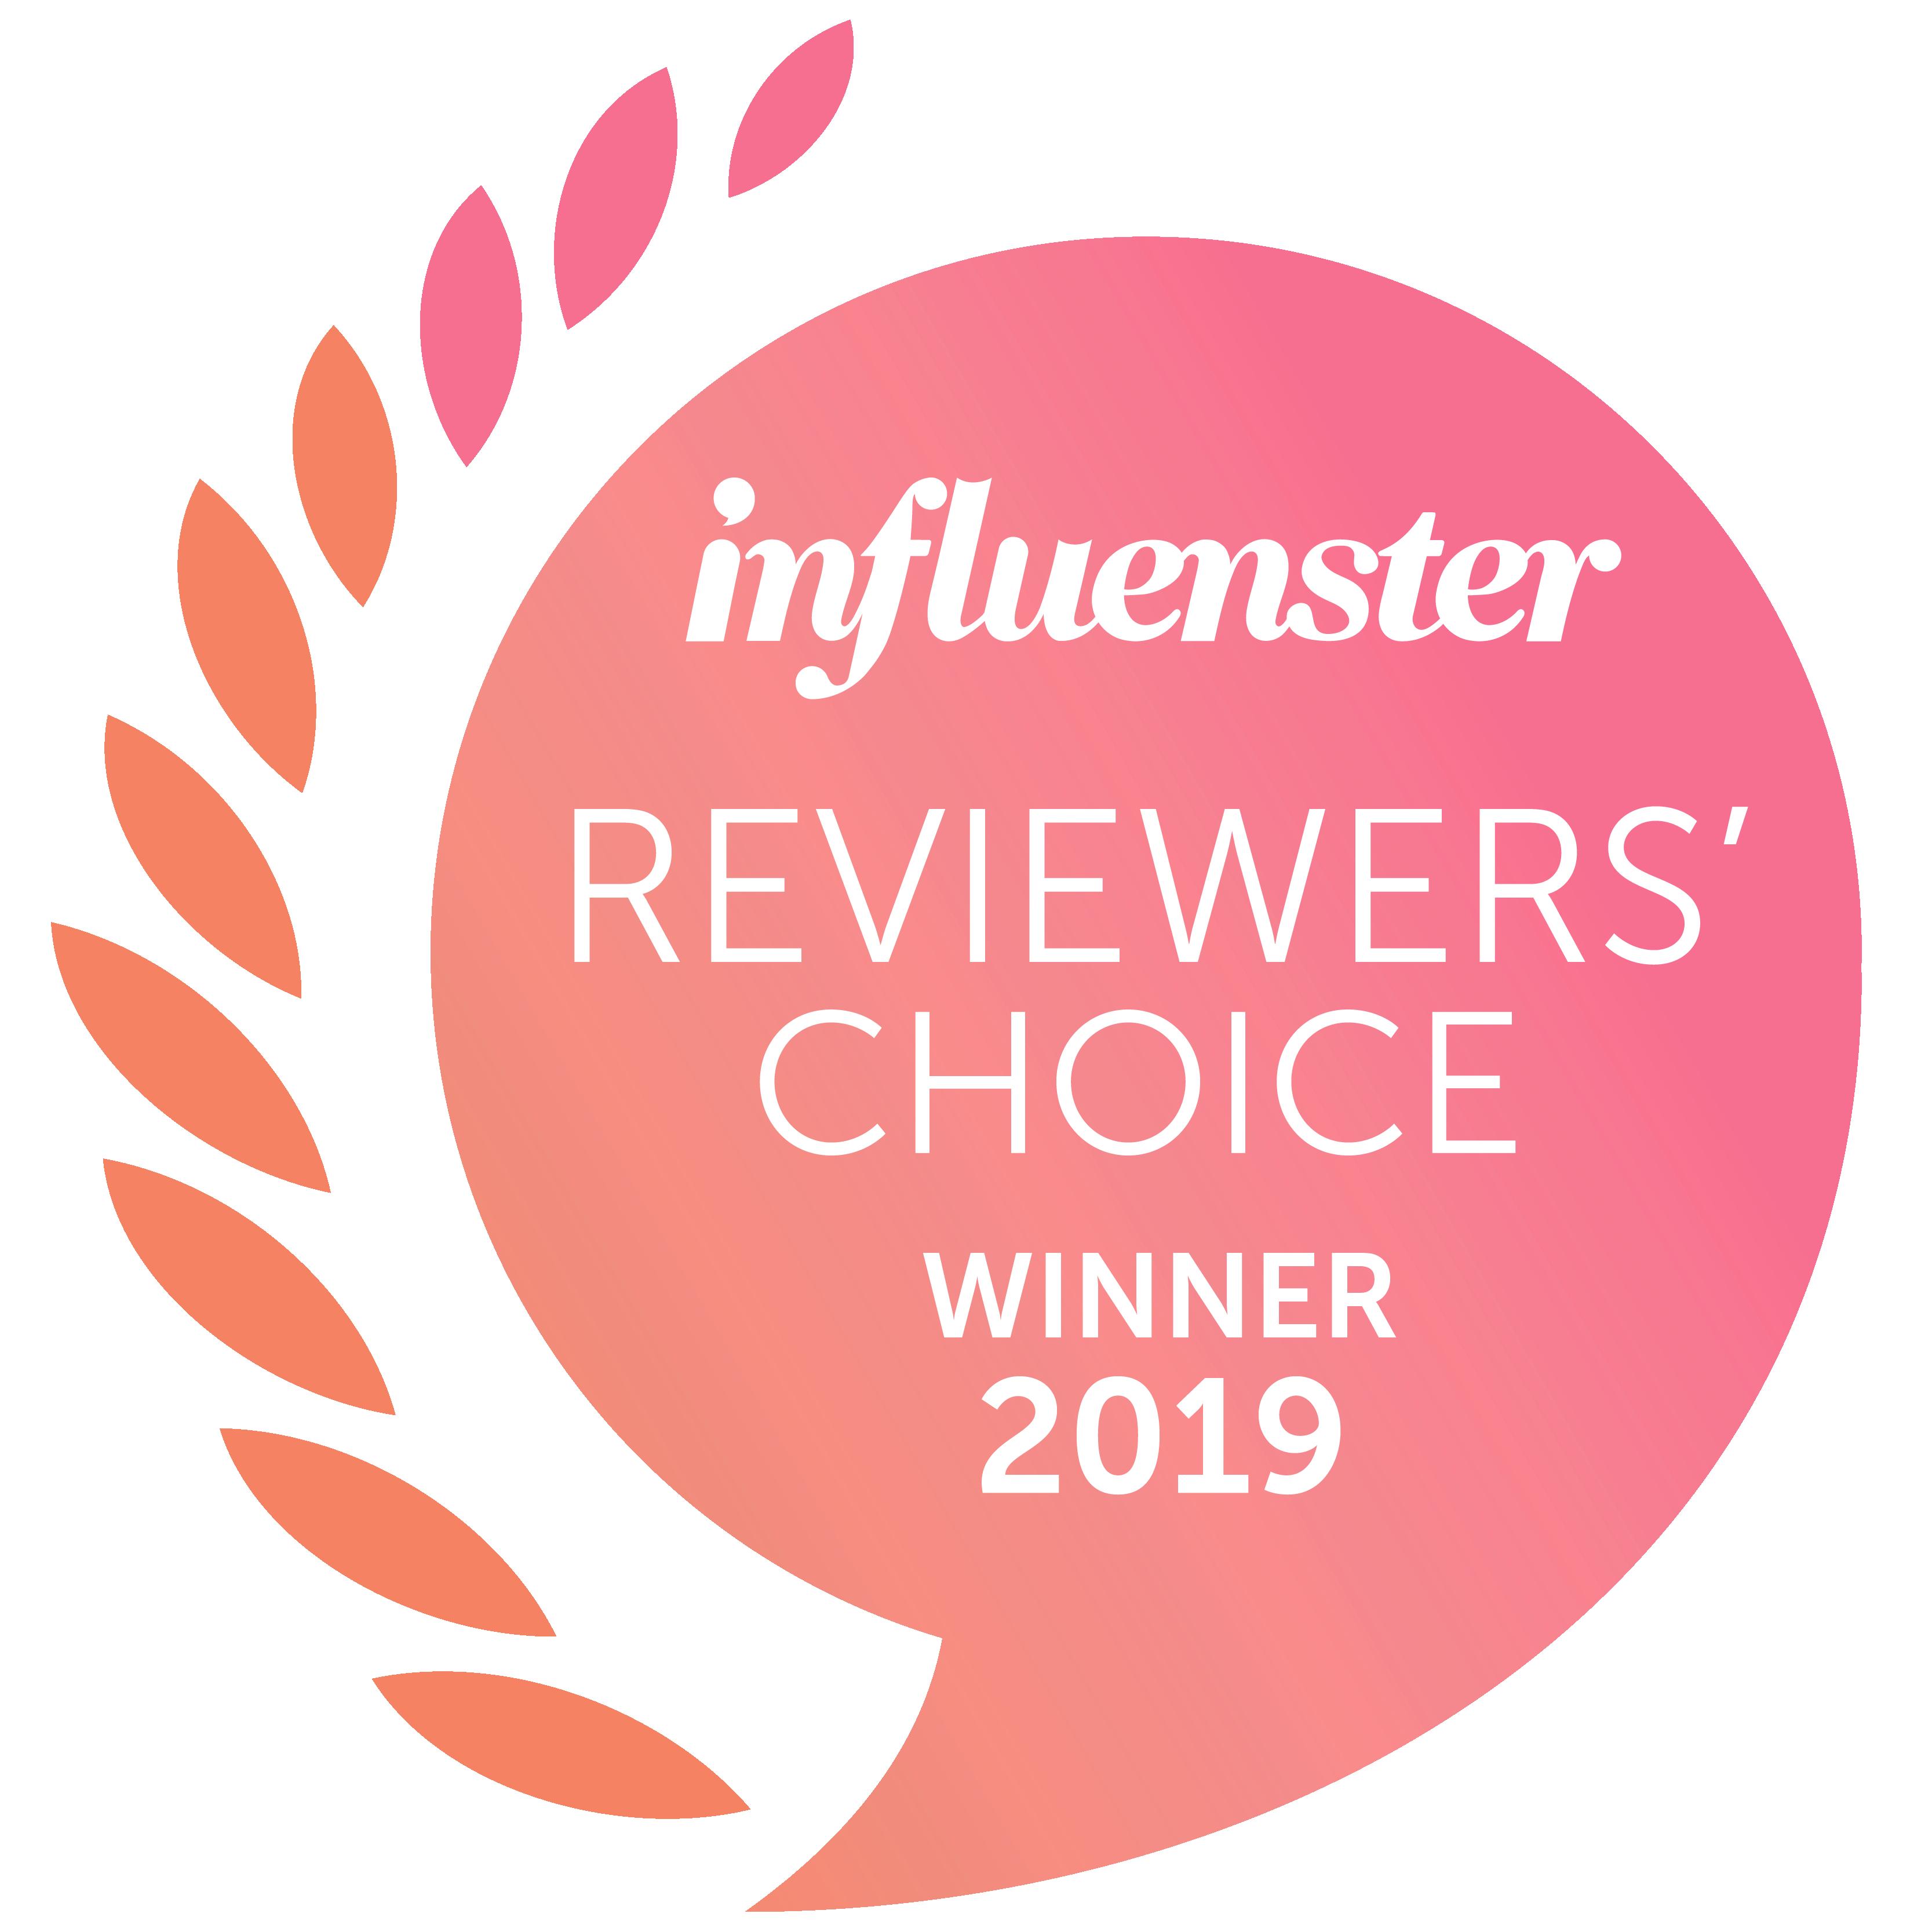 Influenster 2019 Reviewers' Choice Awards